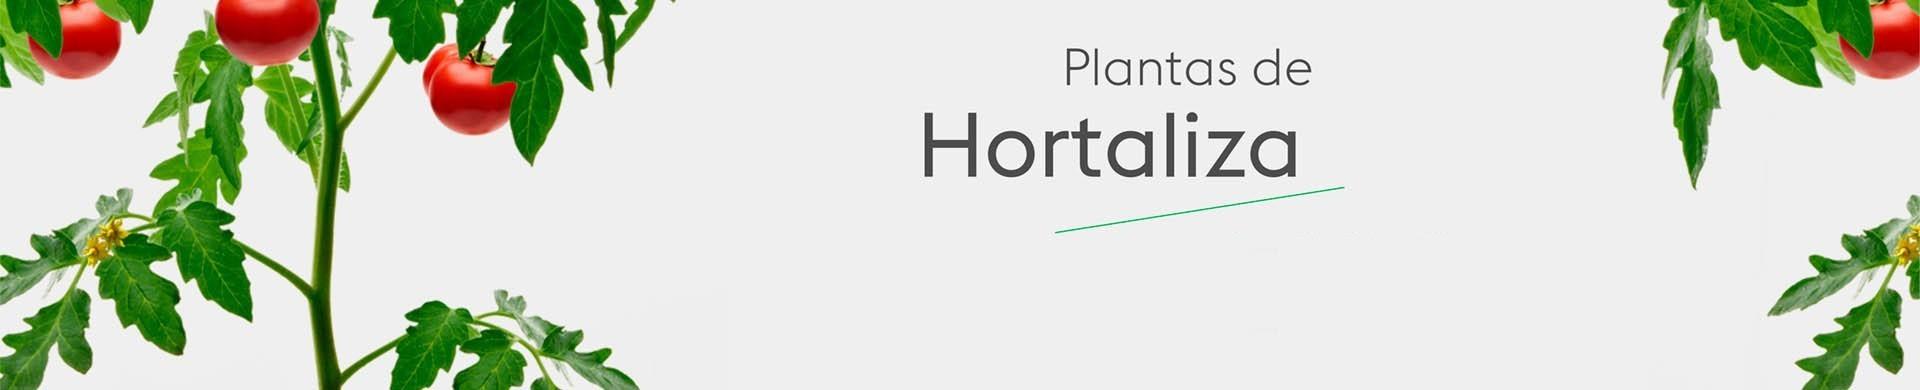 Plantas de huerto - Comprar plantas de hortalizas